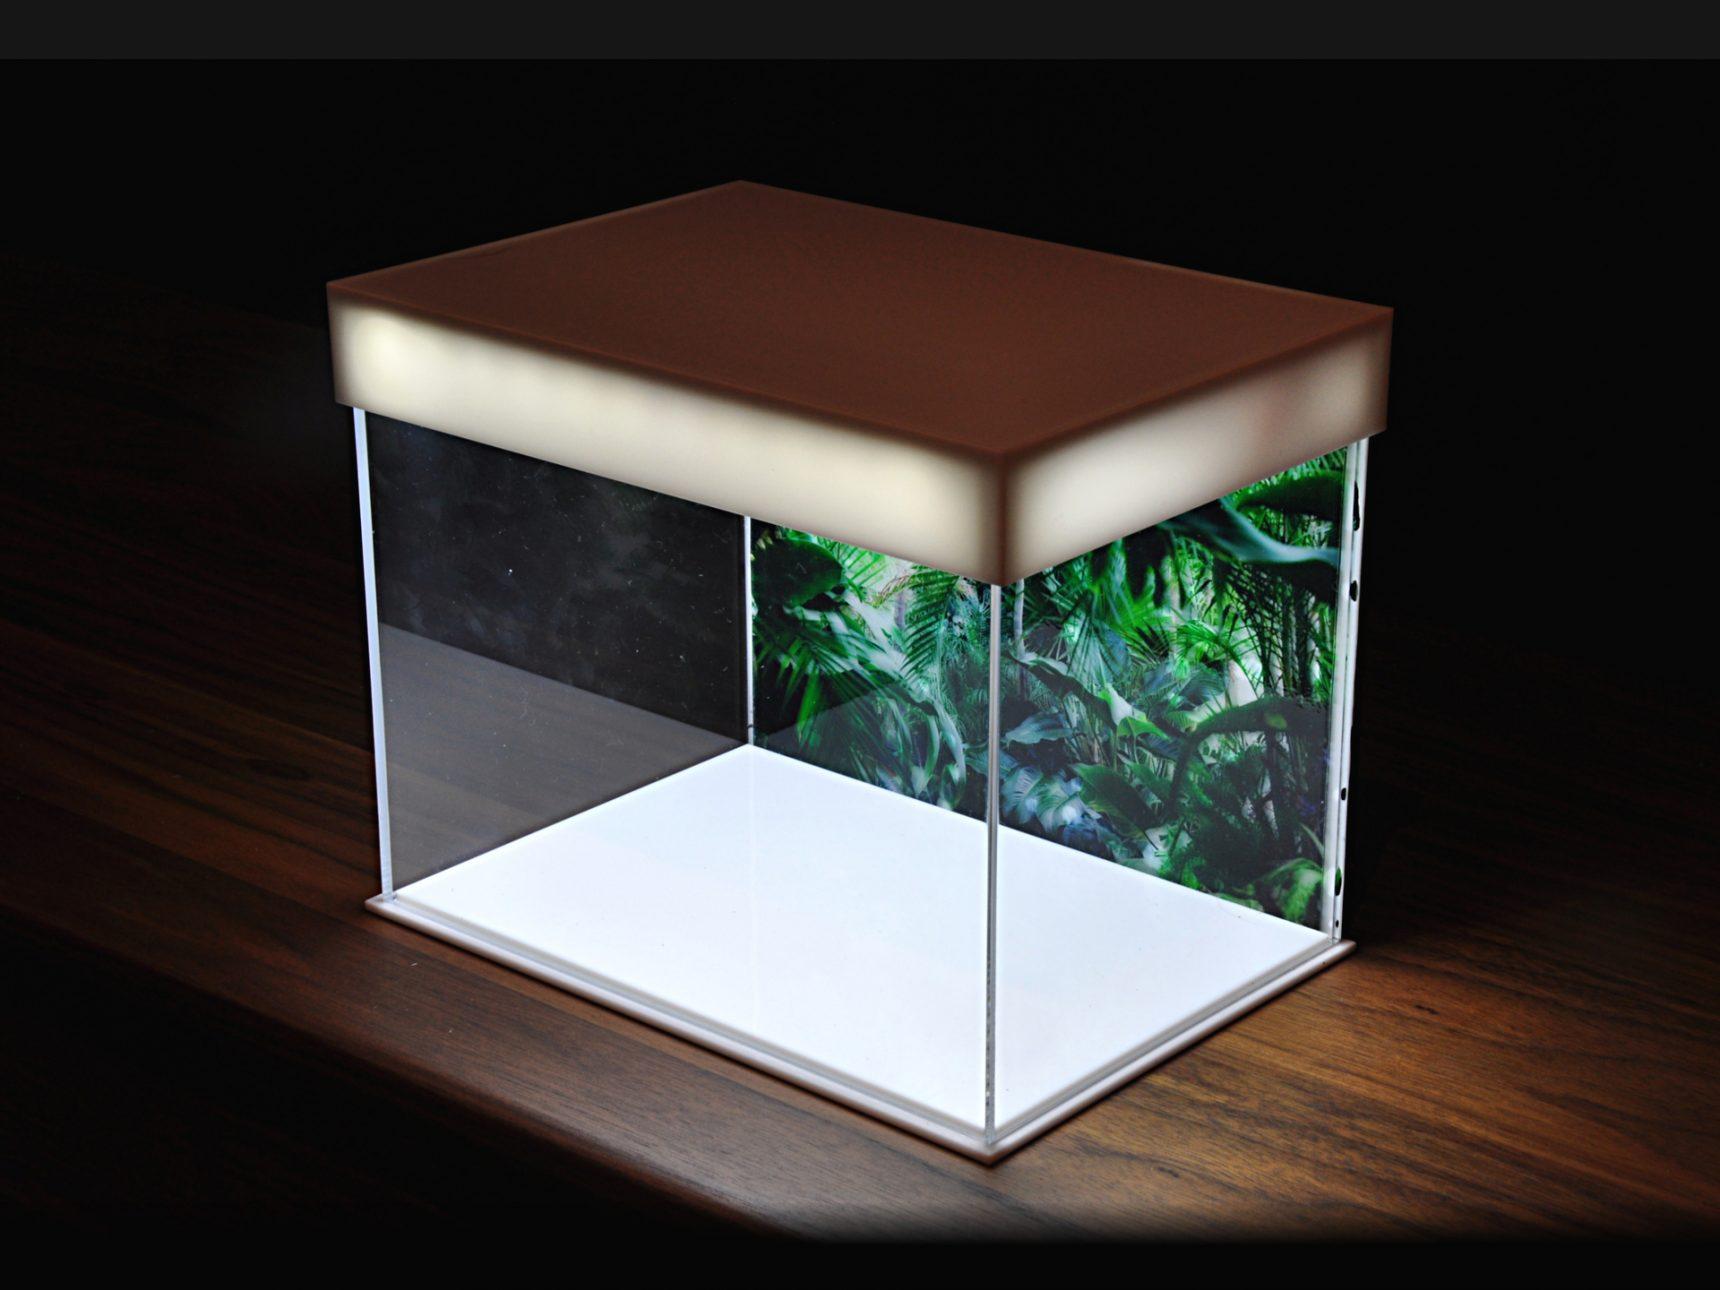 Miniature Led Display Lighting